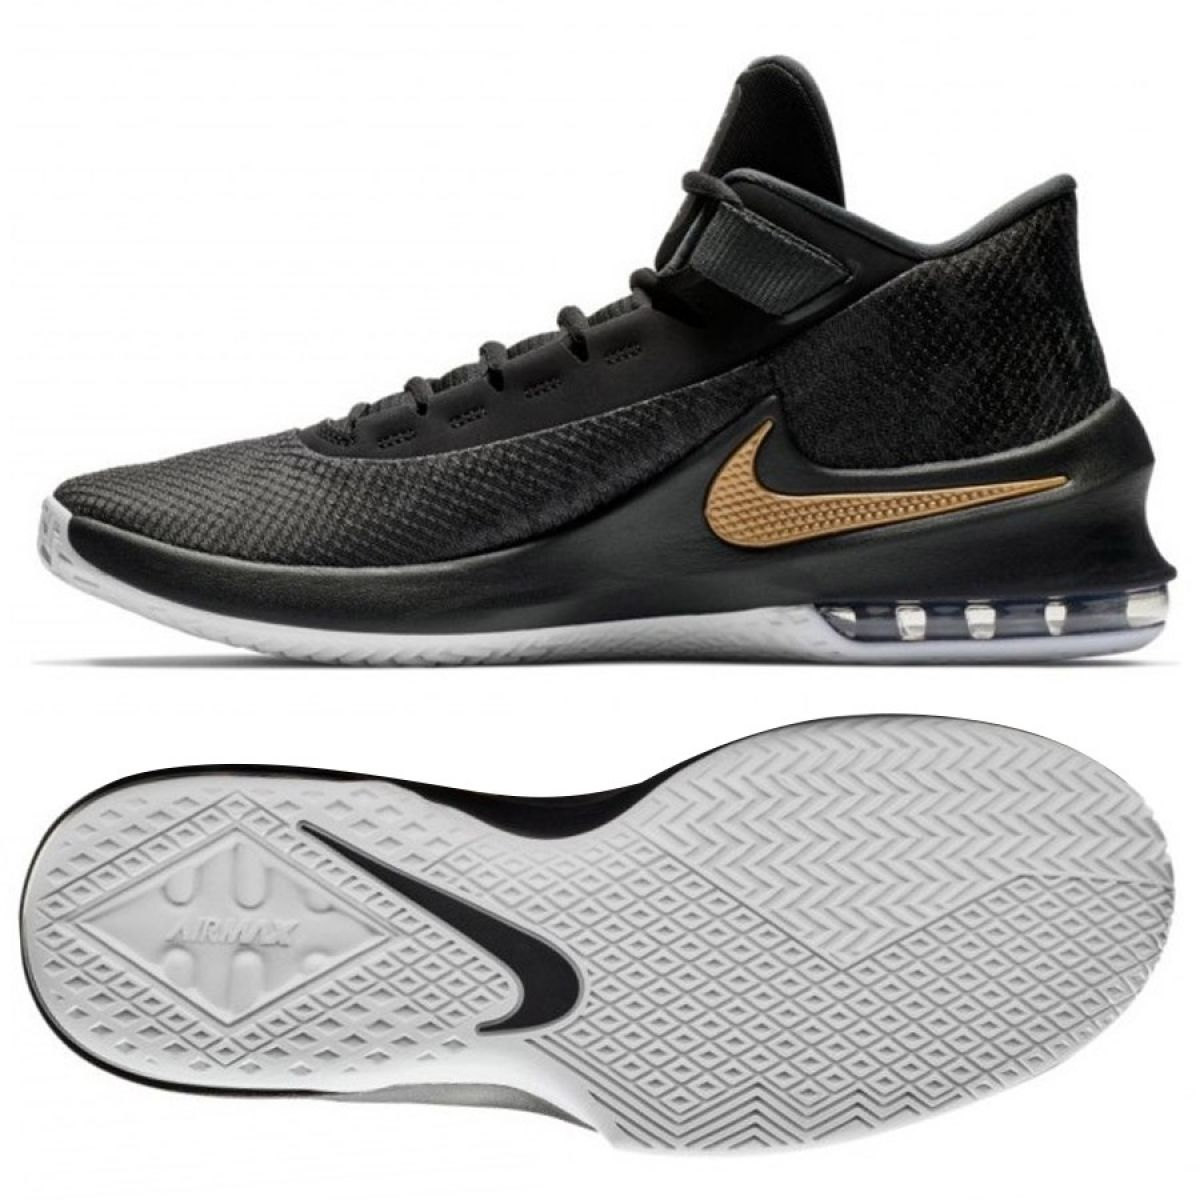 Nike Herren Aa7066 002 AIR MAX Infuriate 2 MID